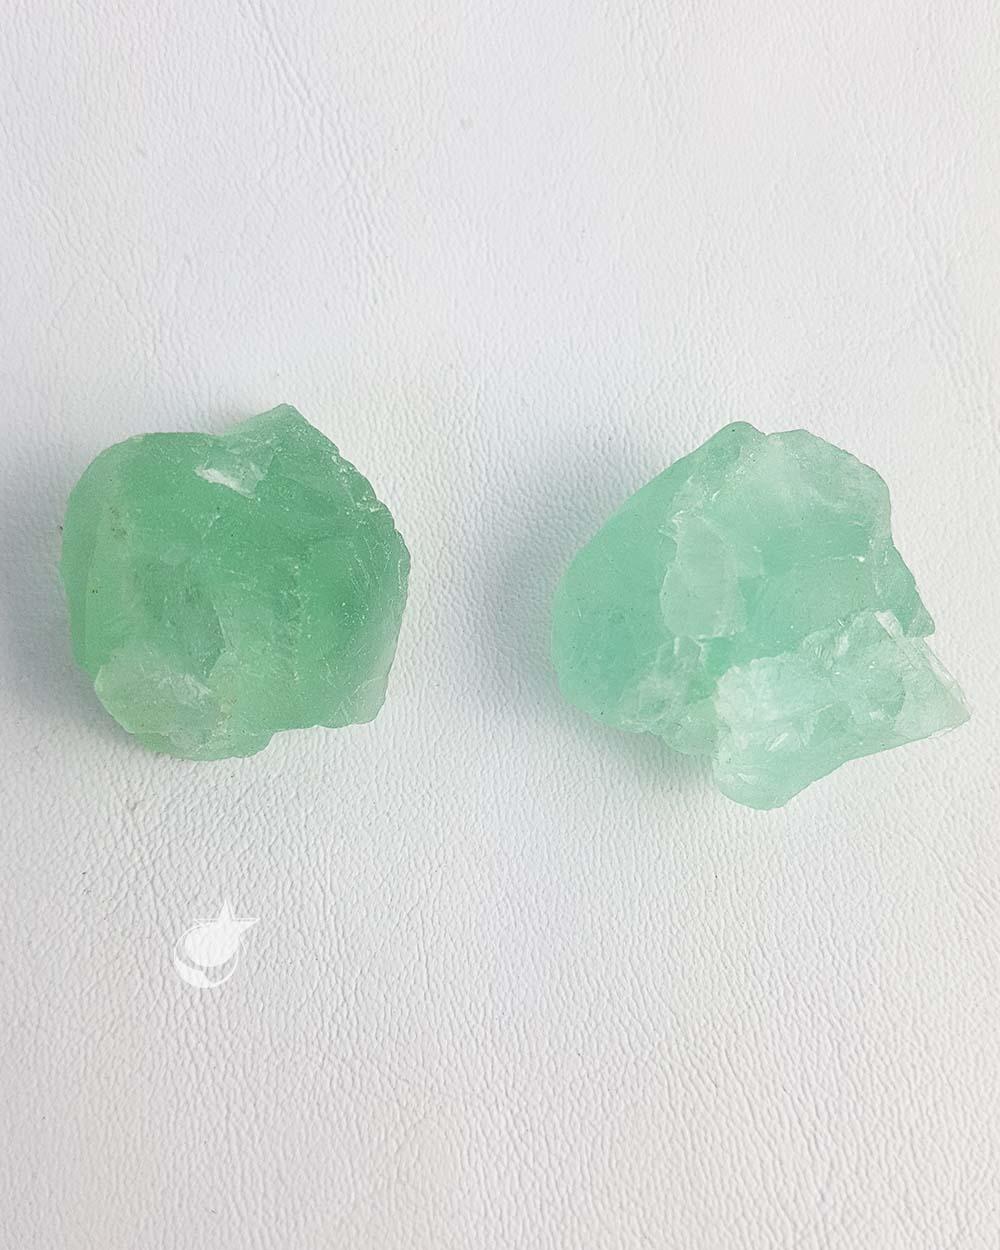 FLUORITA VERDE BRUTA - PACOTE  - 40 a 44g (1 a 2 pedras)